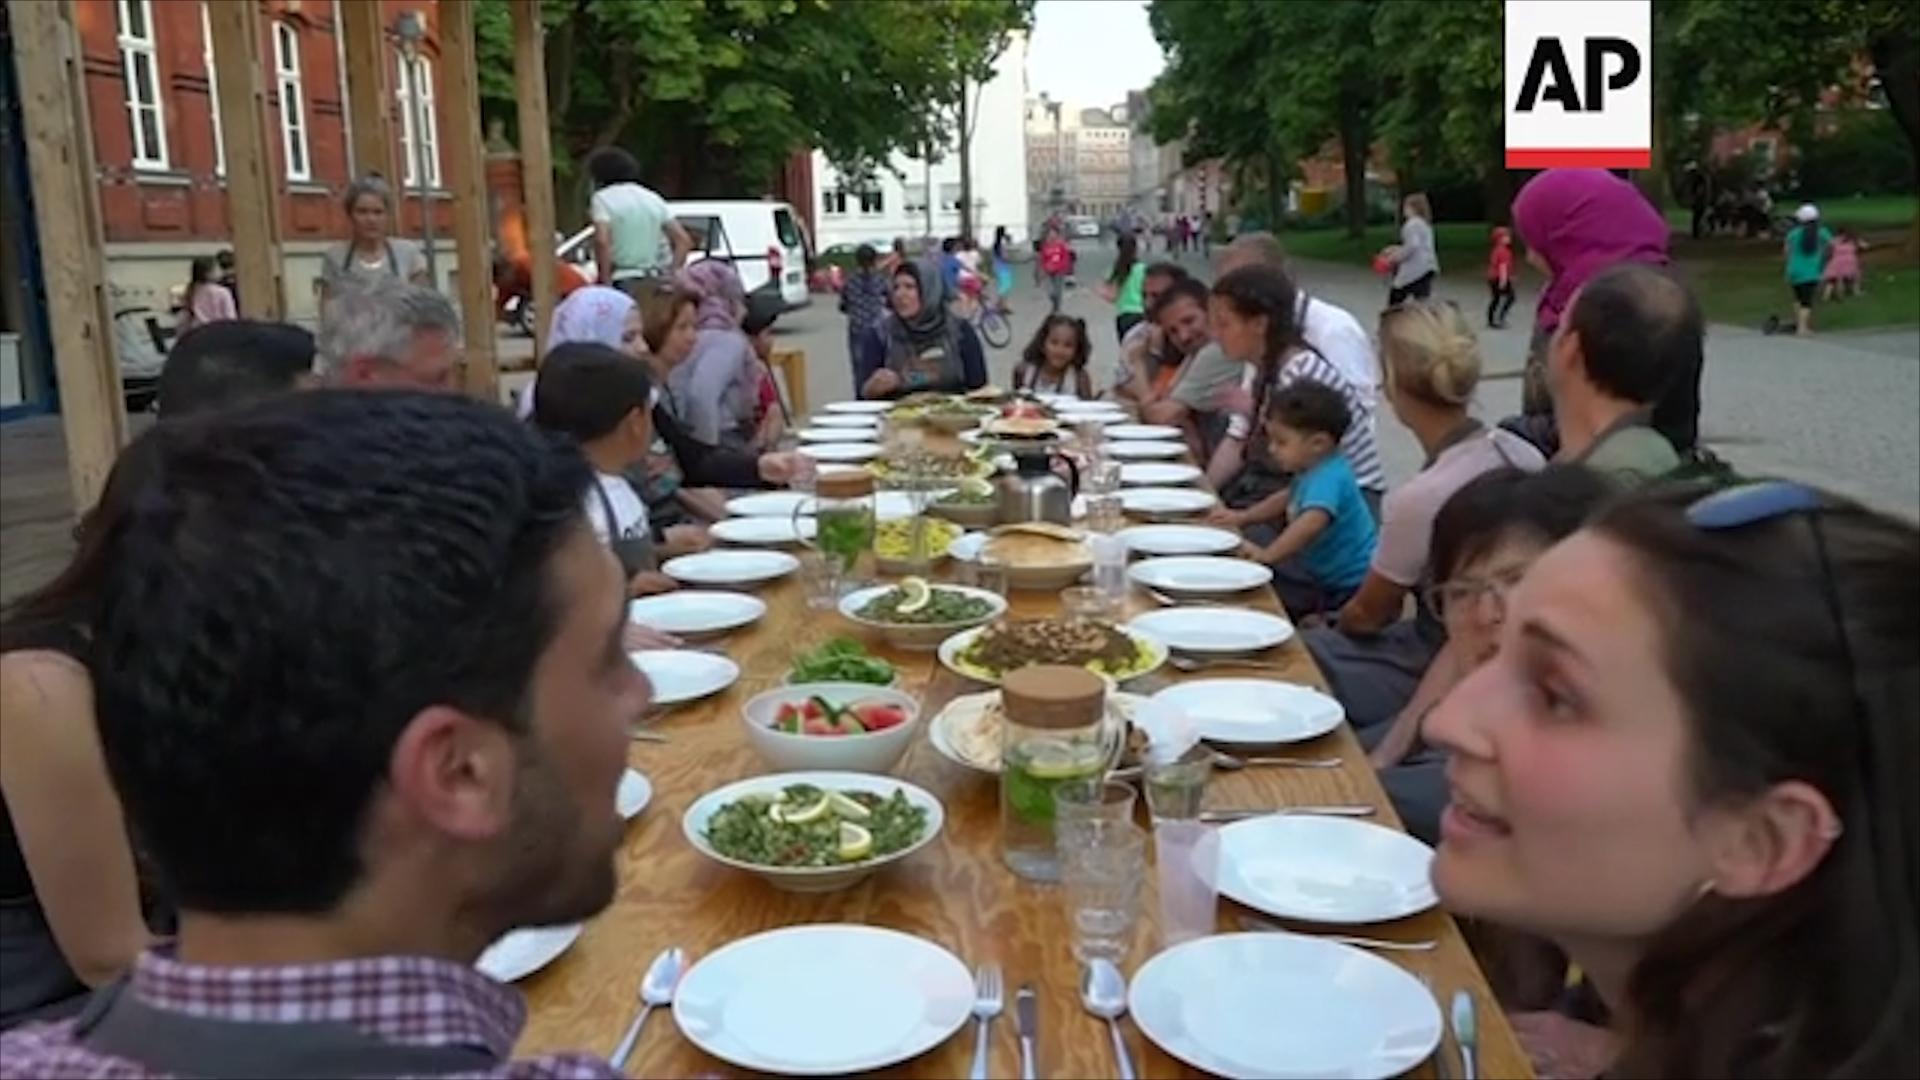 Những thành viên của dự án cũng như các khách hàng, sẽ cùng thưởng thức những món ăn Ả Rập tại bàn tiệc đặc biệt này.